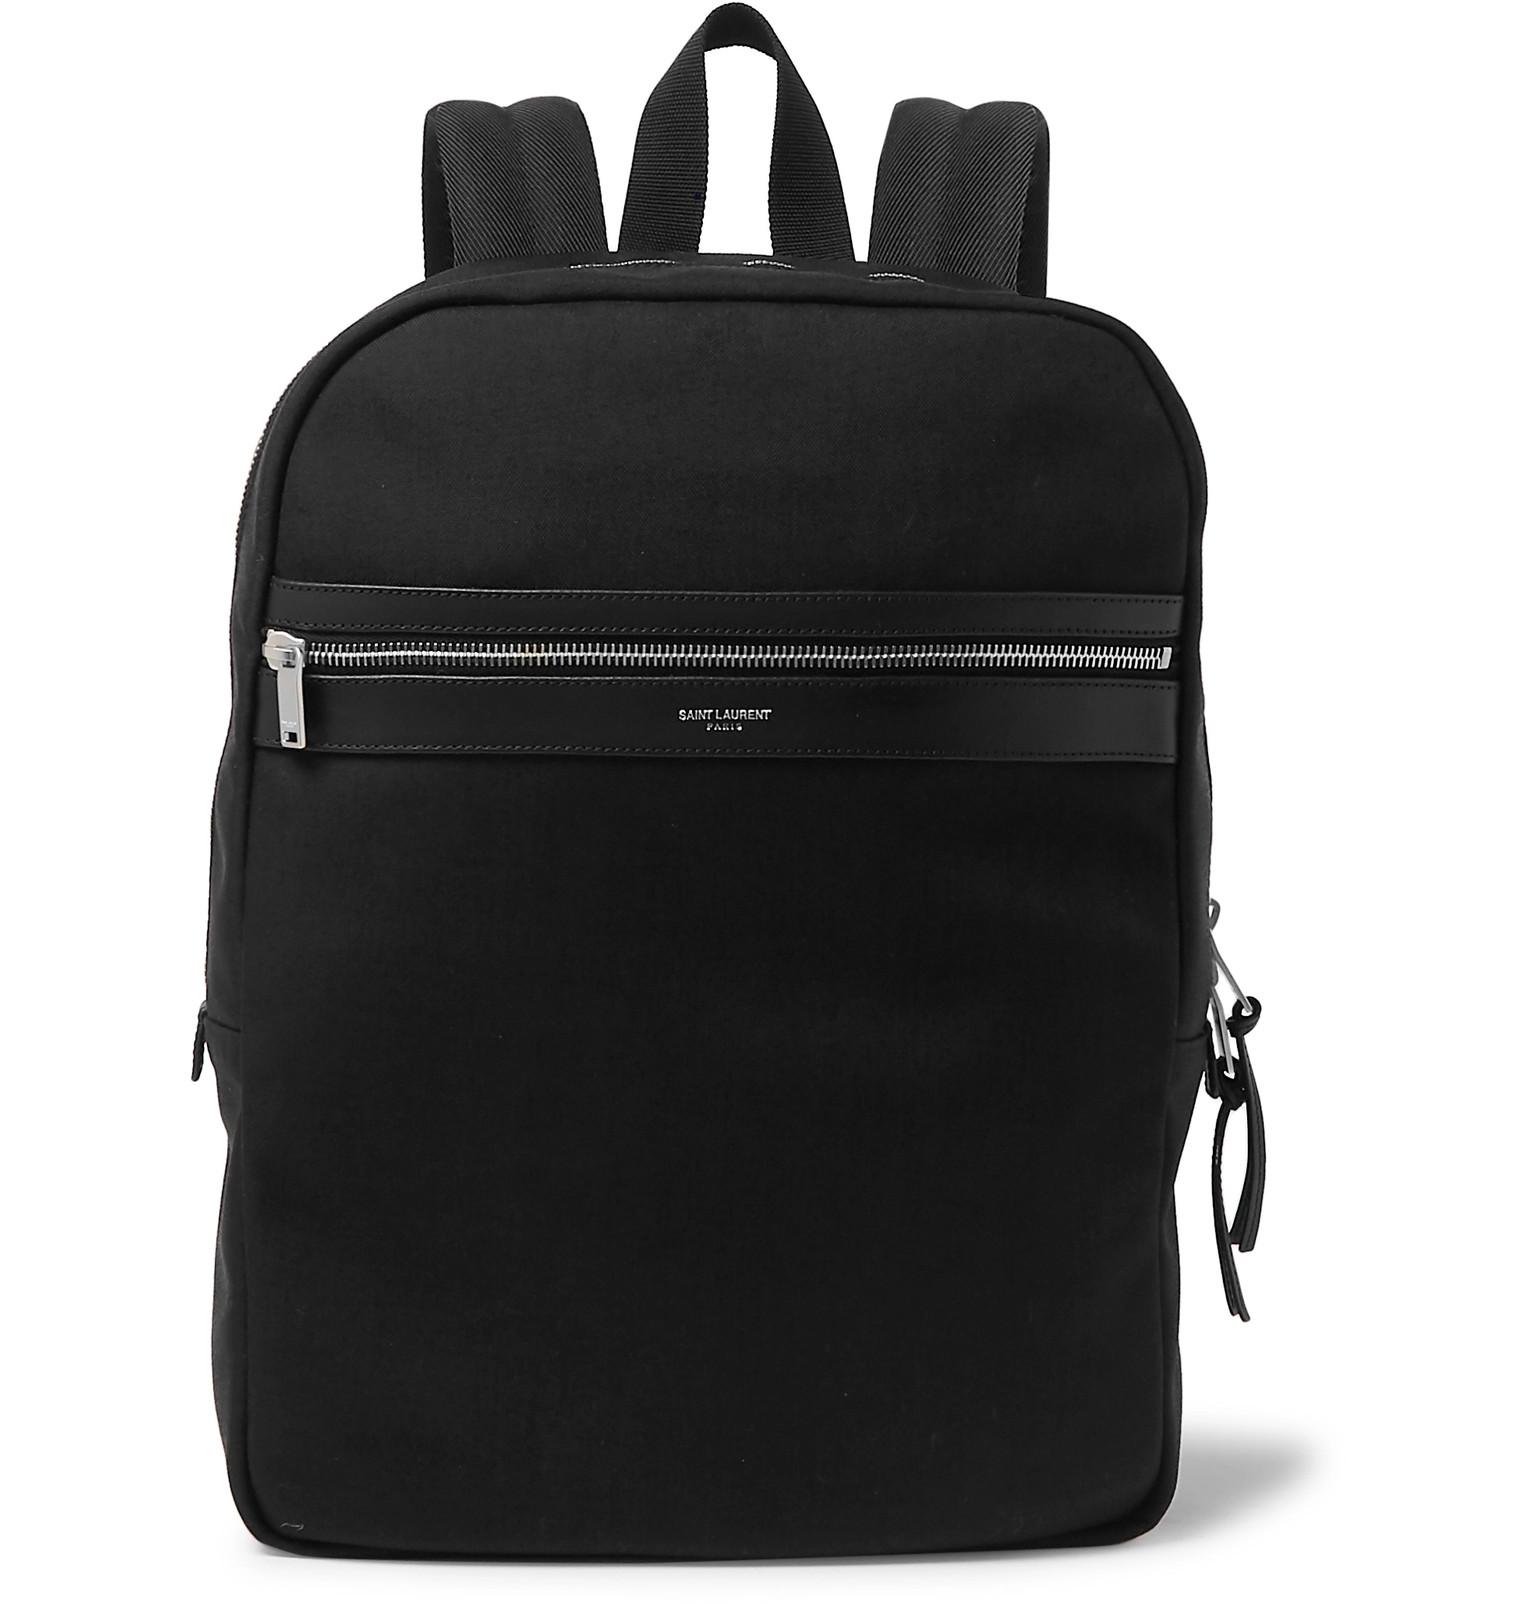 Saint Laurent - Leather-Trimmed Canvas Backpack 85d7c23e3b9